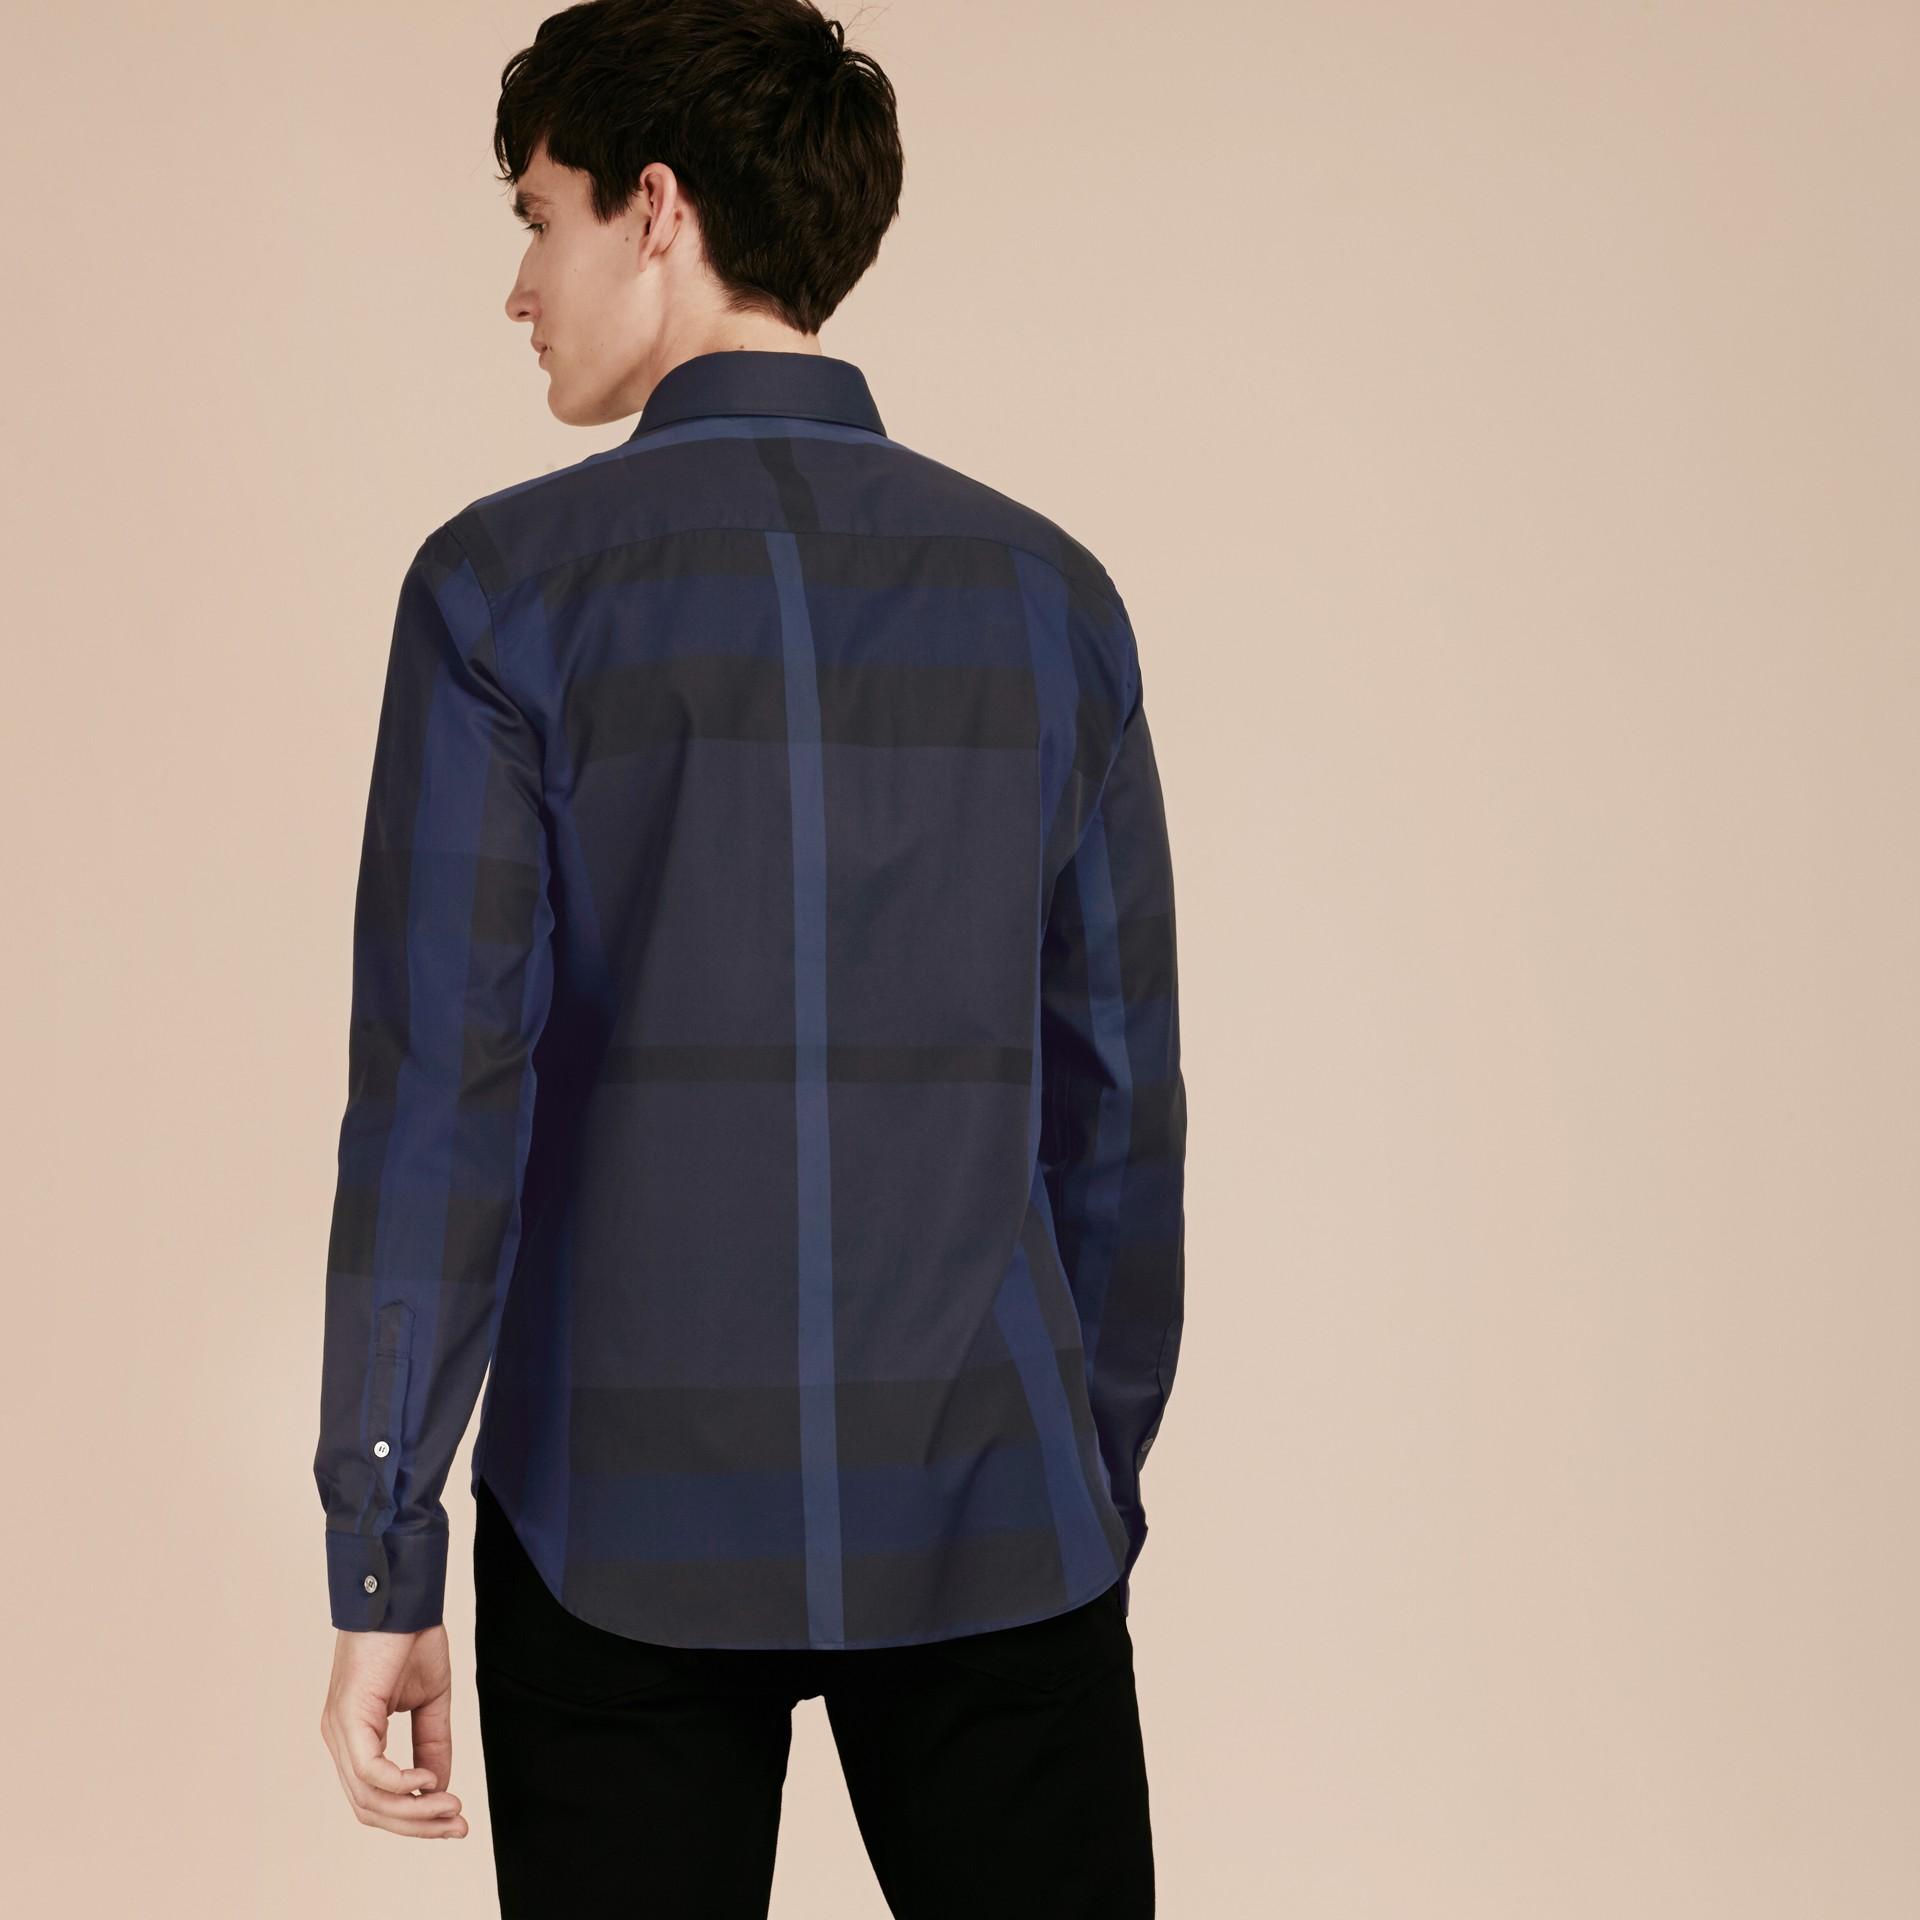 Azul marinho Camisa de algodão com estampa xadrez Azul Marinho - galeria de imagens 3